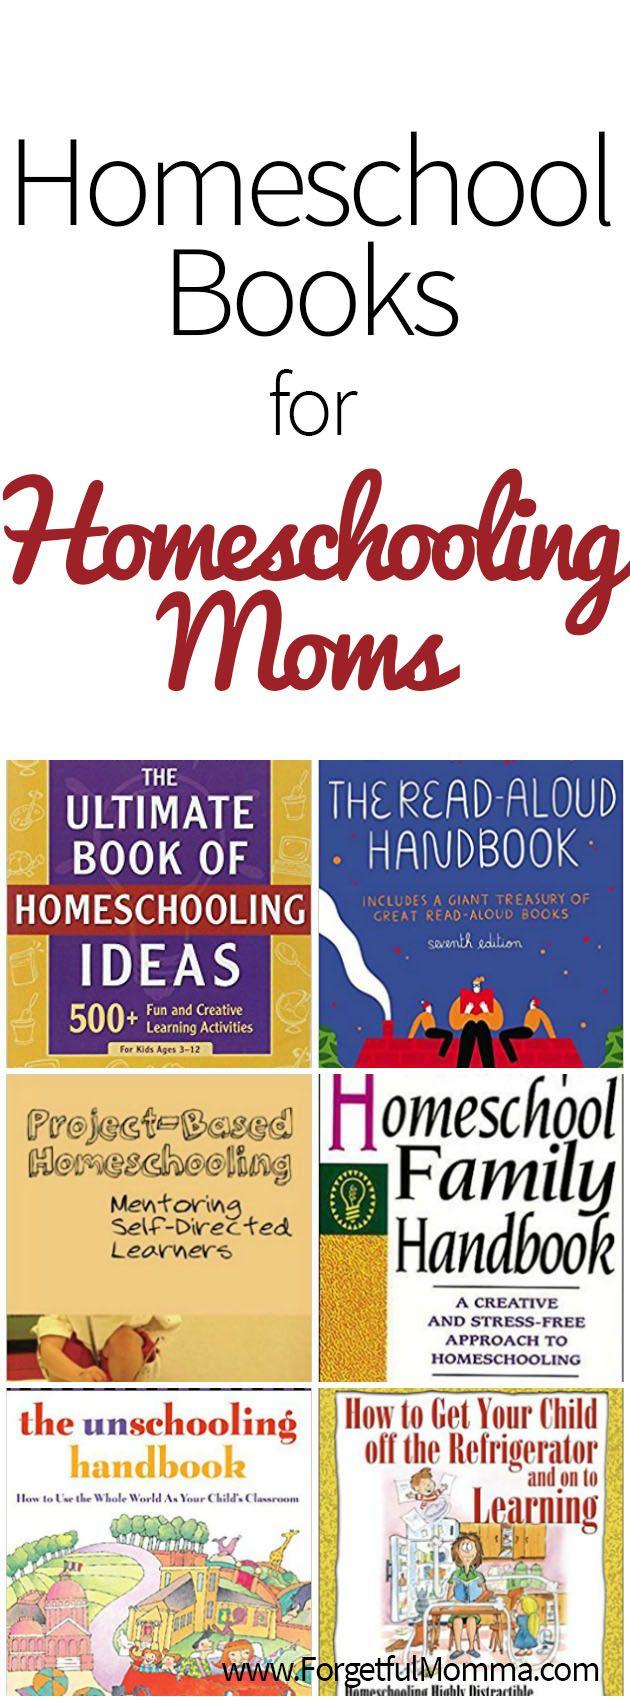 Homeschool Books for Homeschooling Moms | http://forgetfulmomma.com/2017/06/19/homeschool-books-homeschooling-moms/